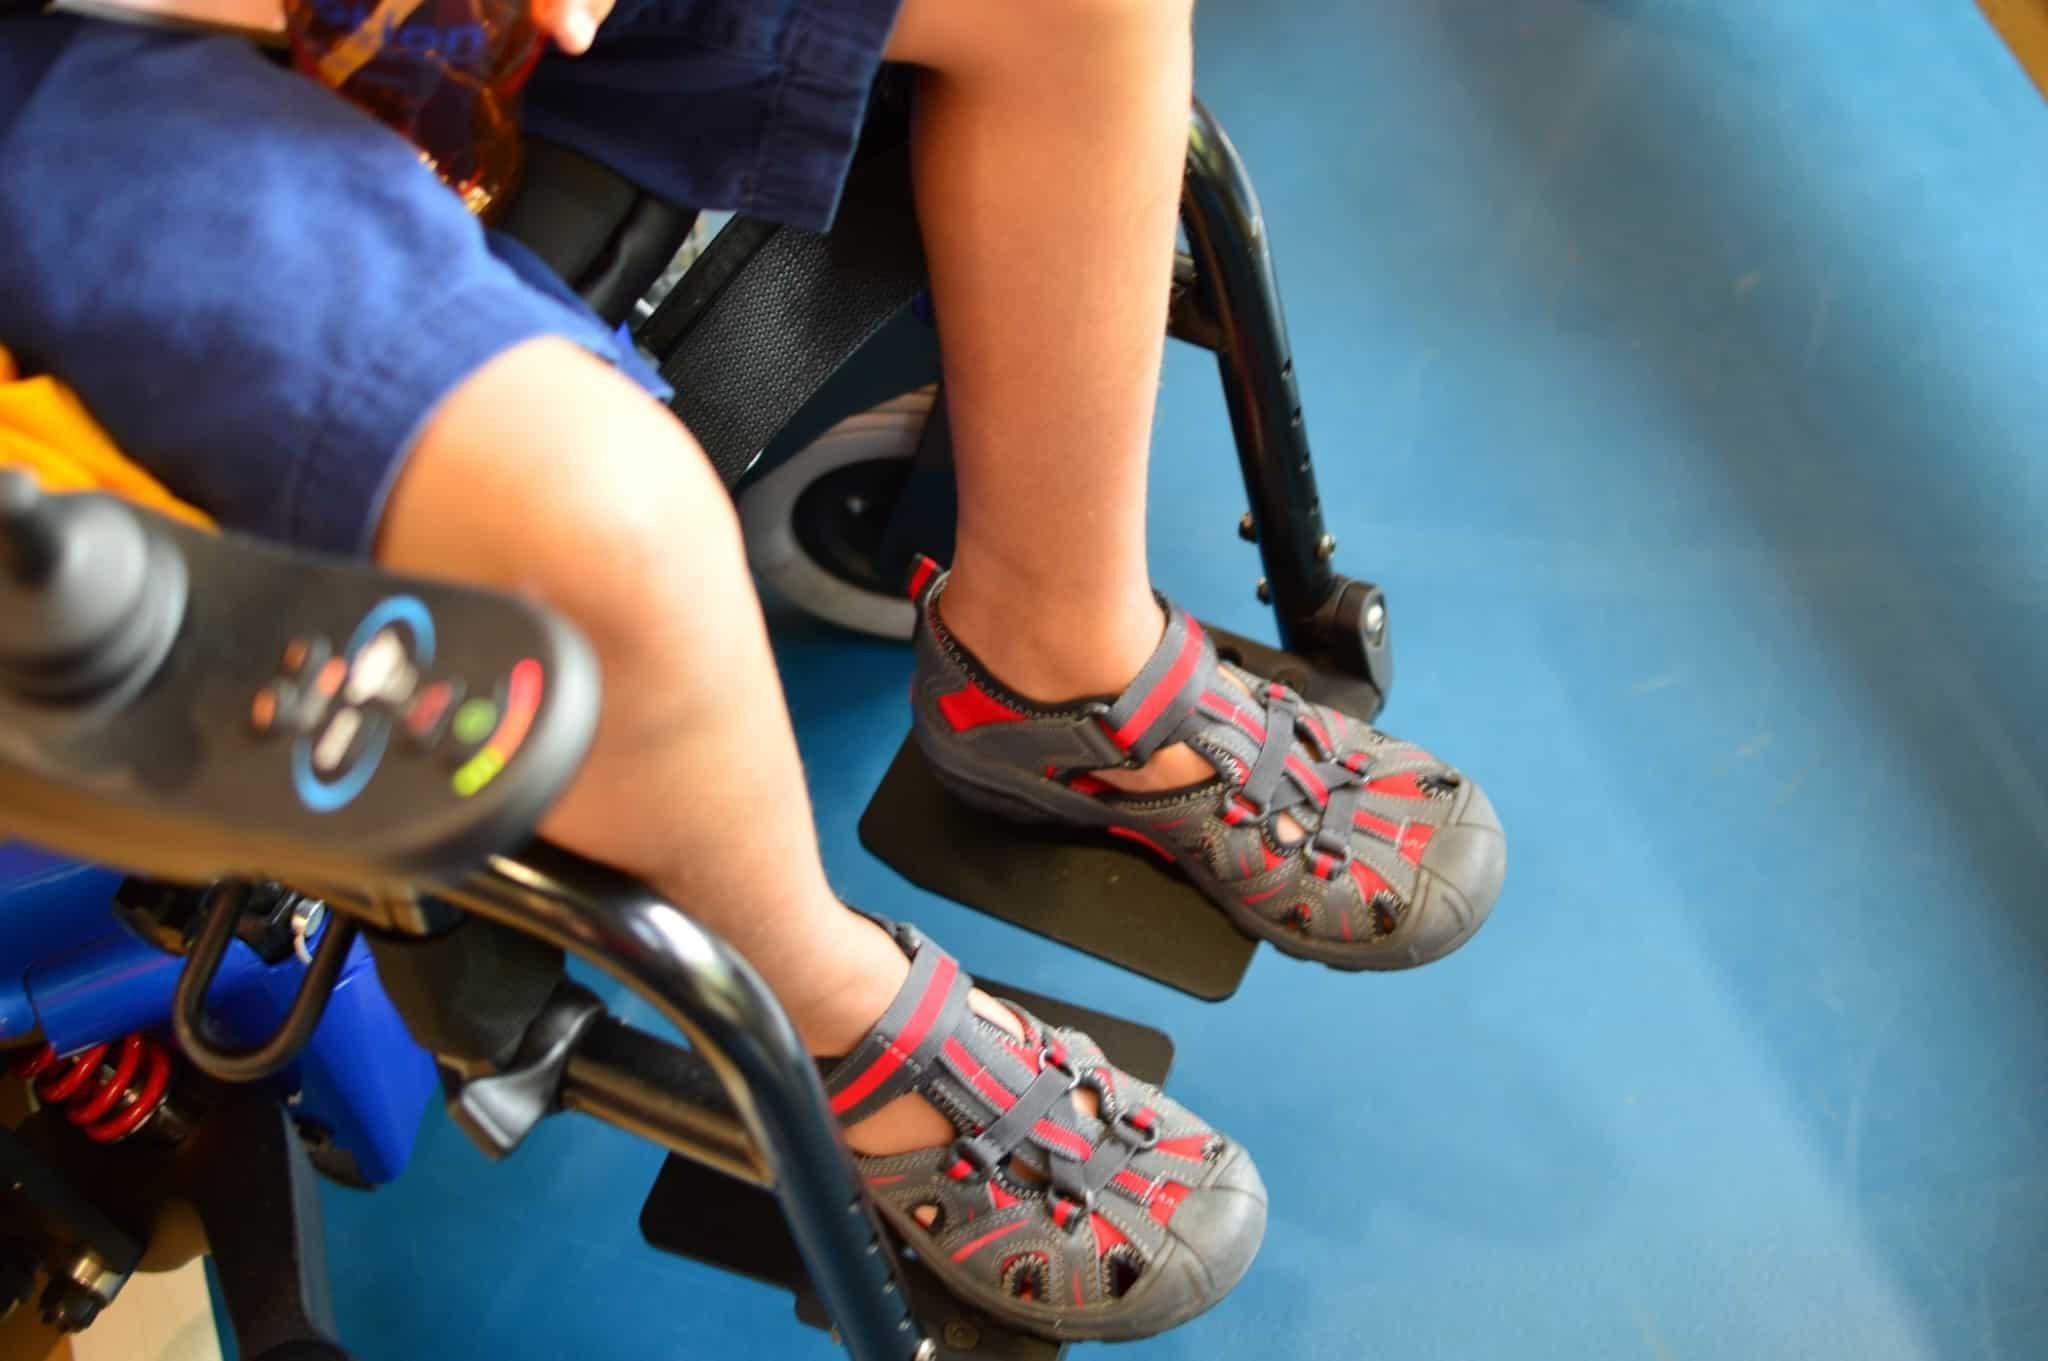 criança com sandálias vermelhas sentada em cadeira de rodas